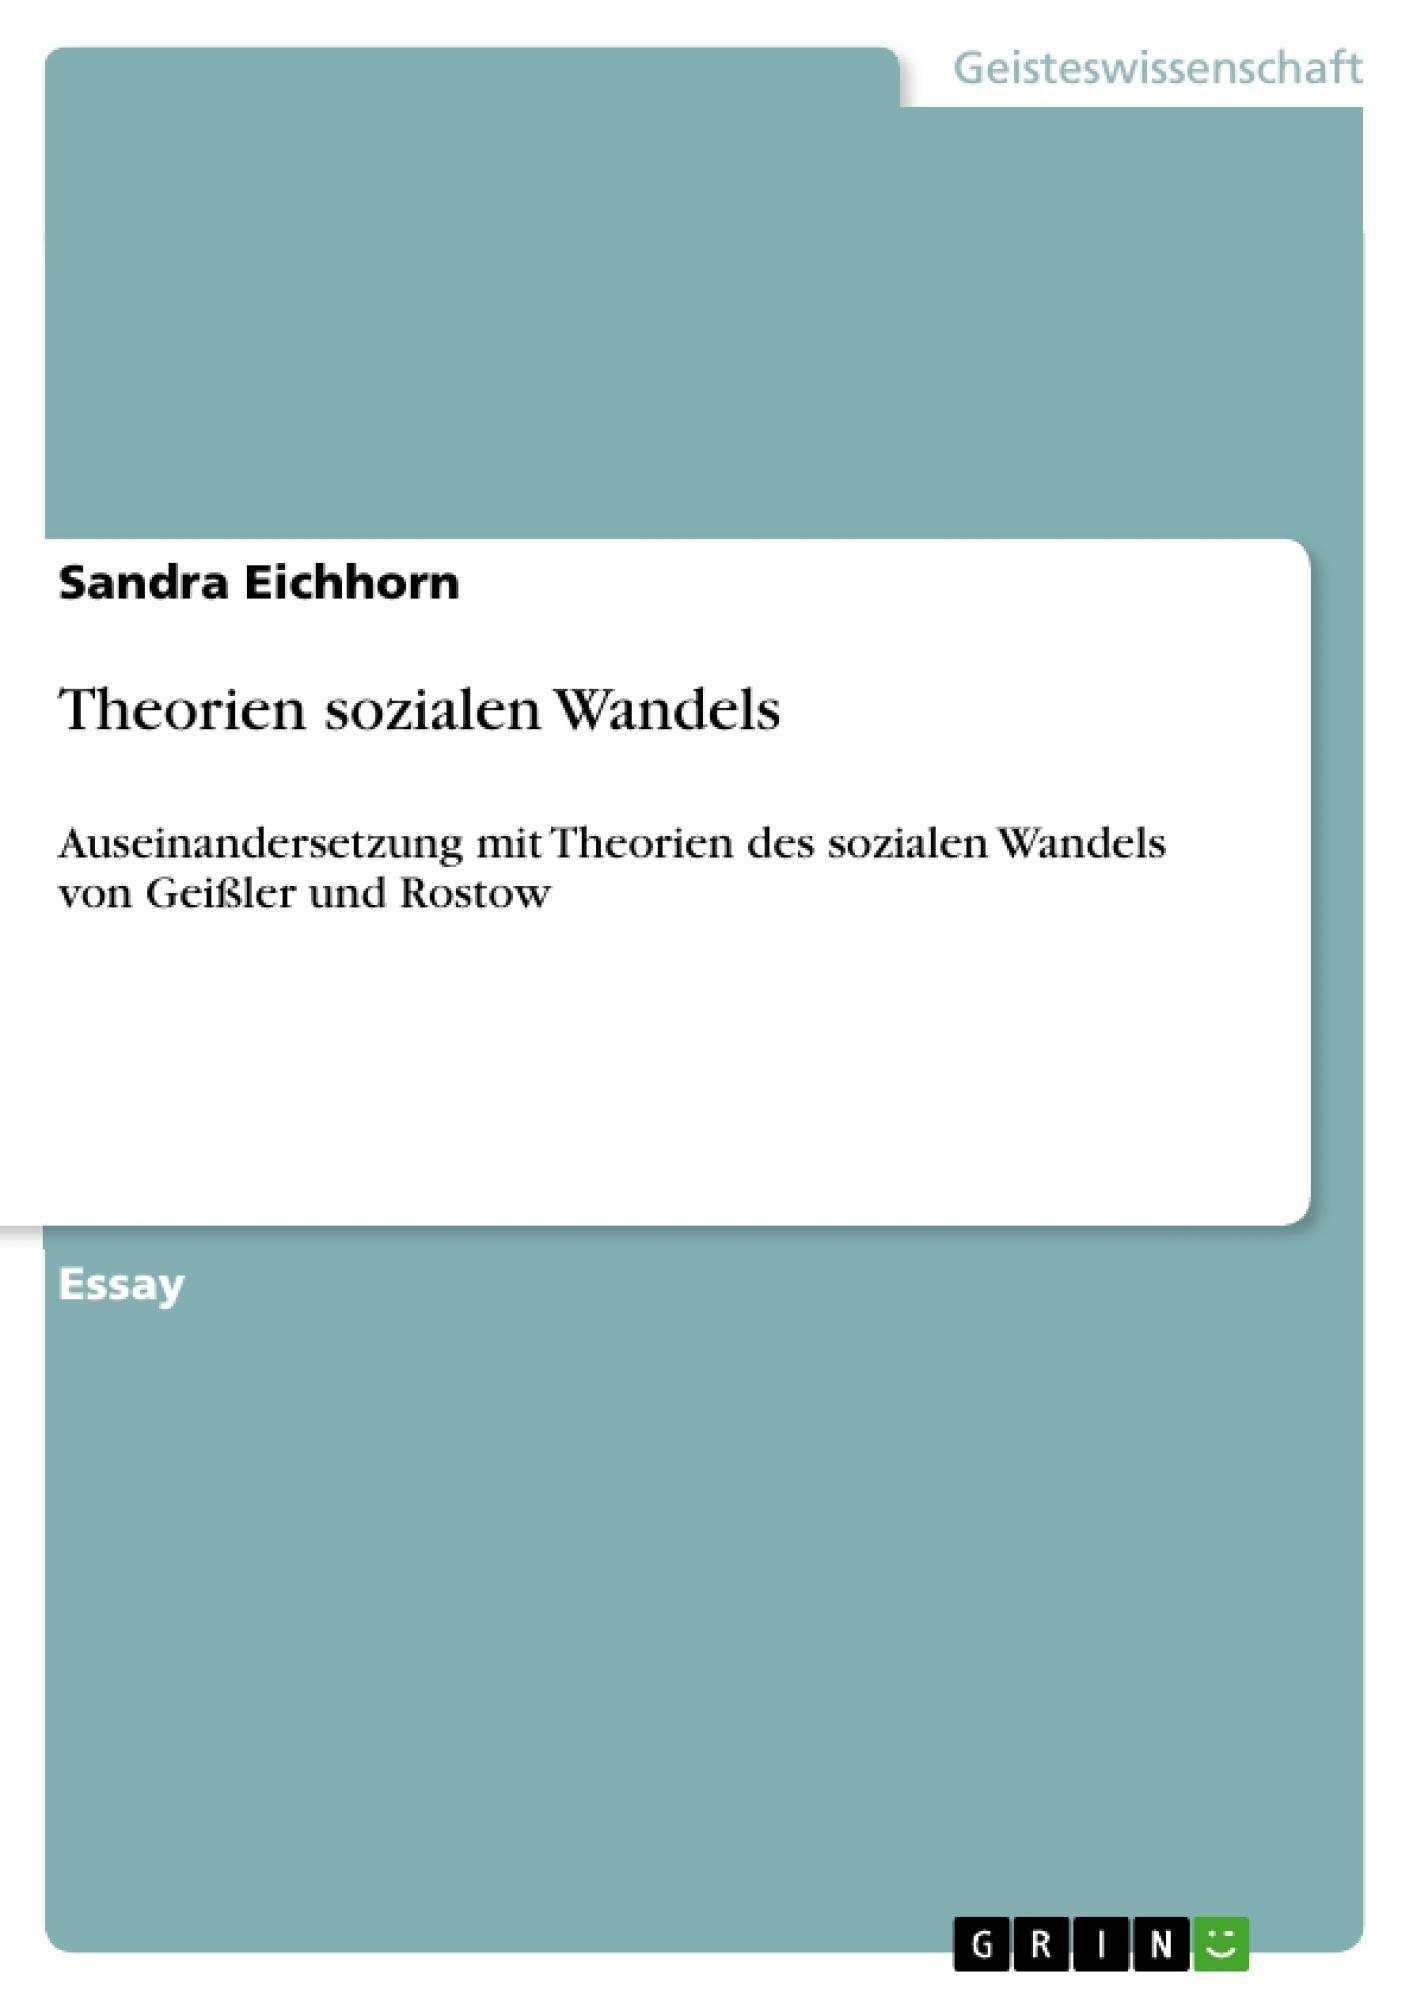 Titel: Theorien sozialen Wandels